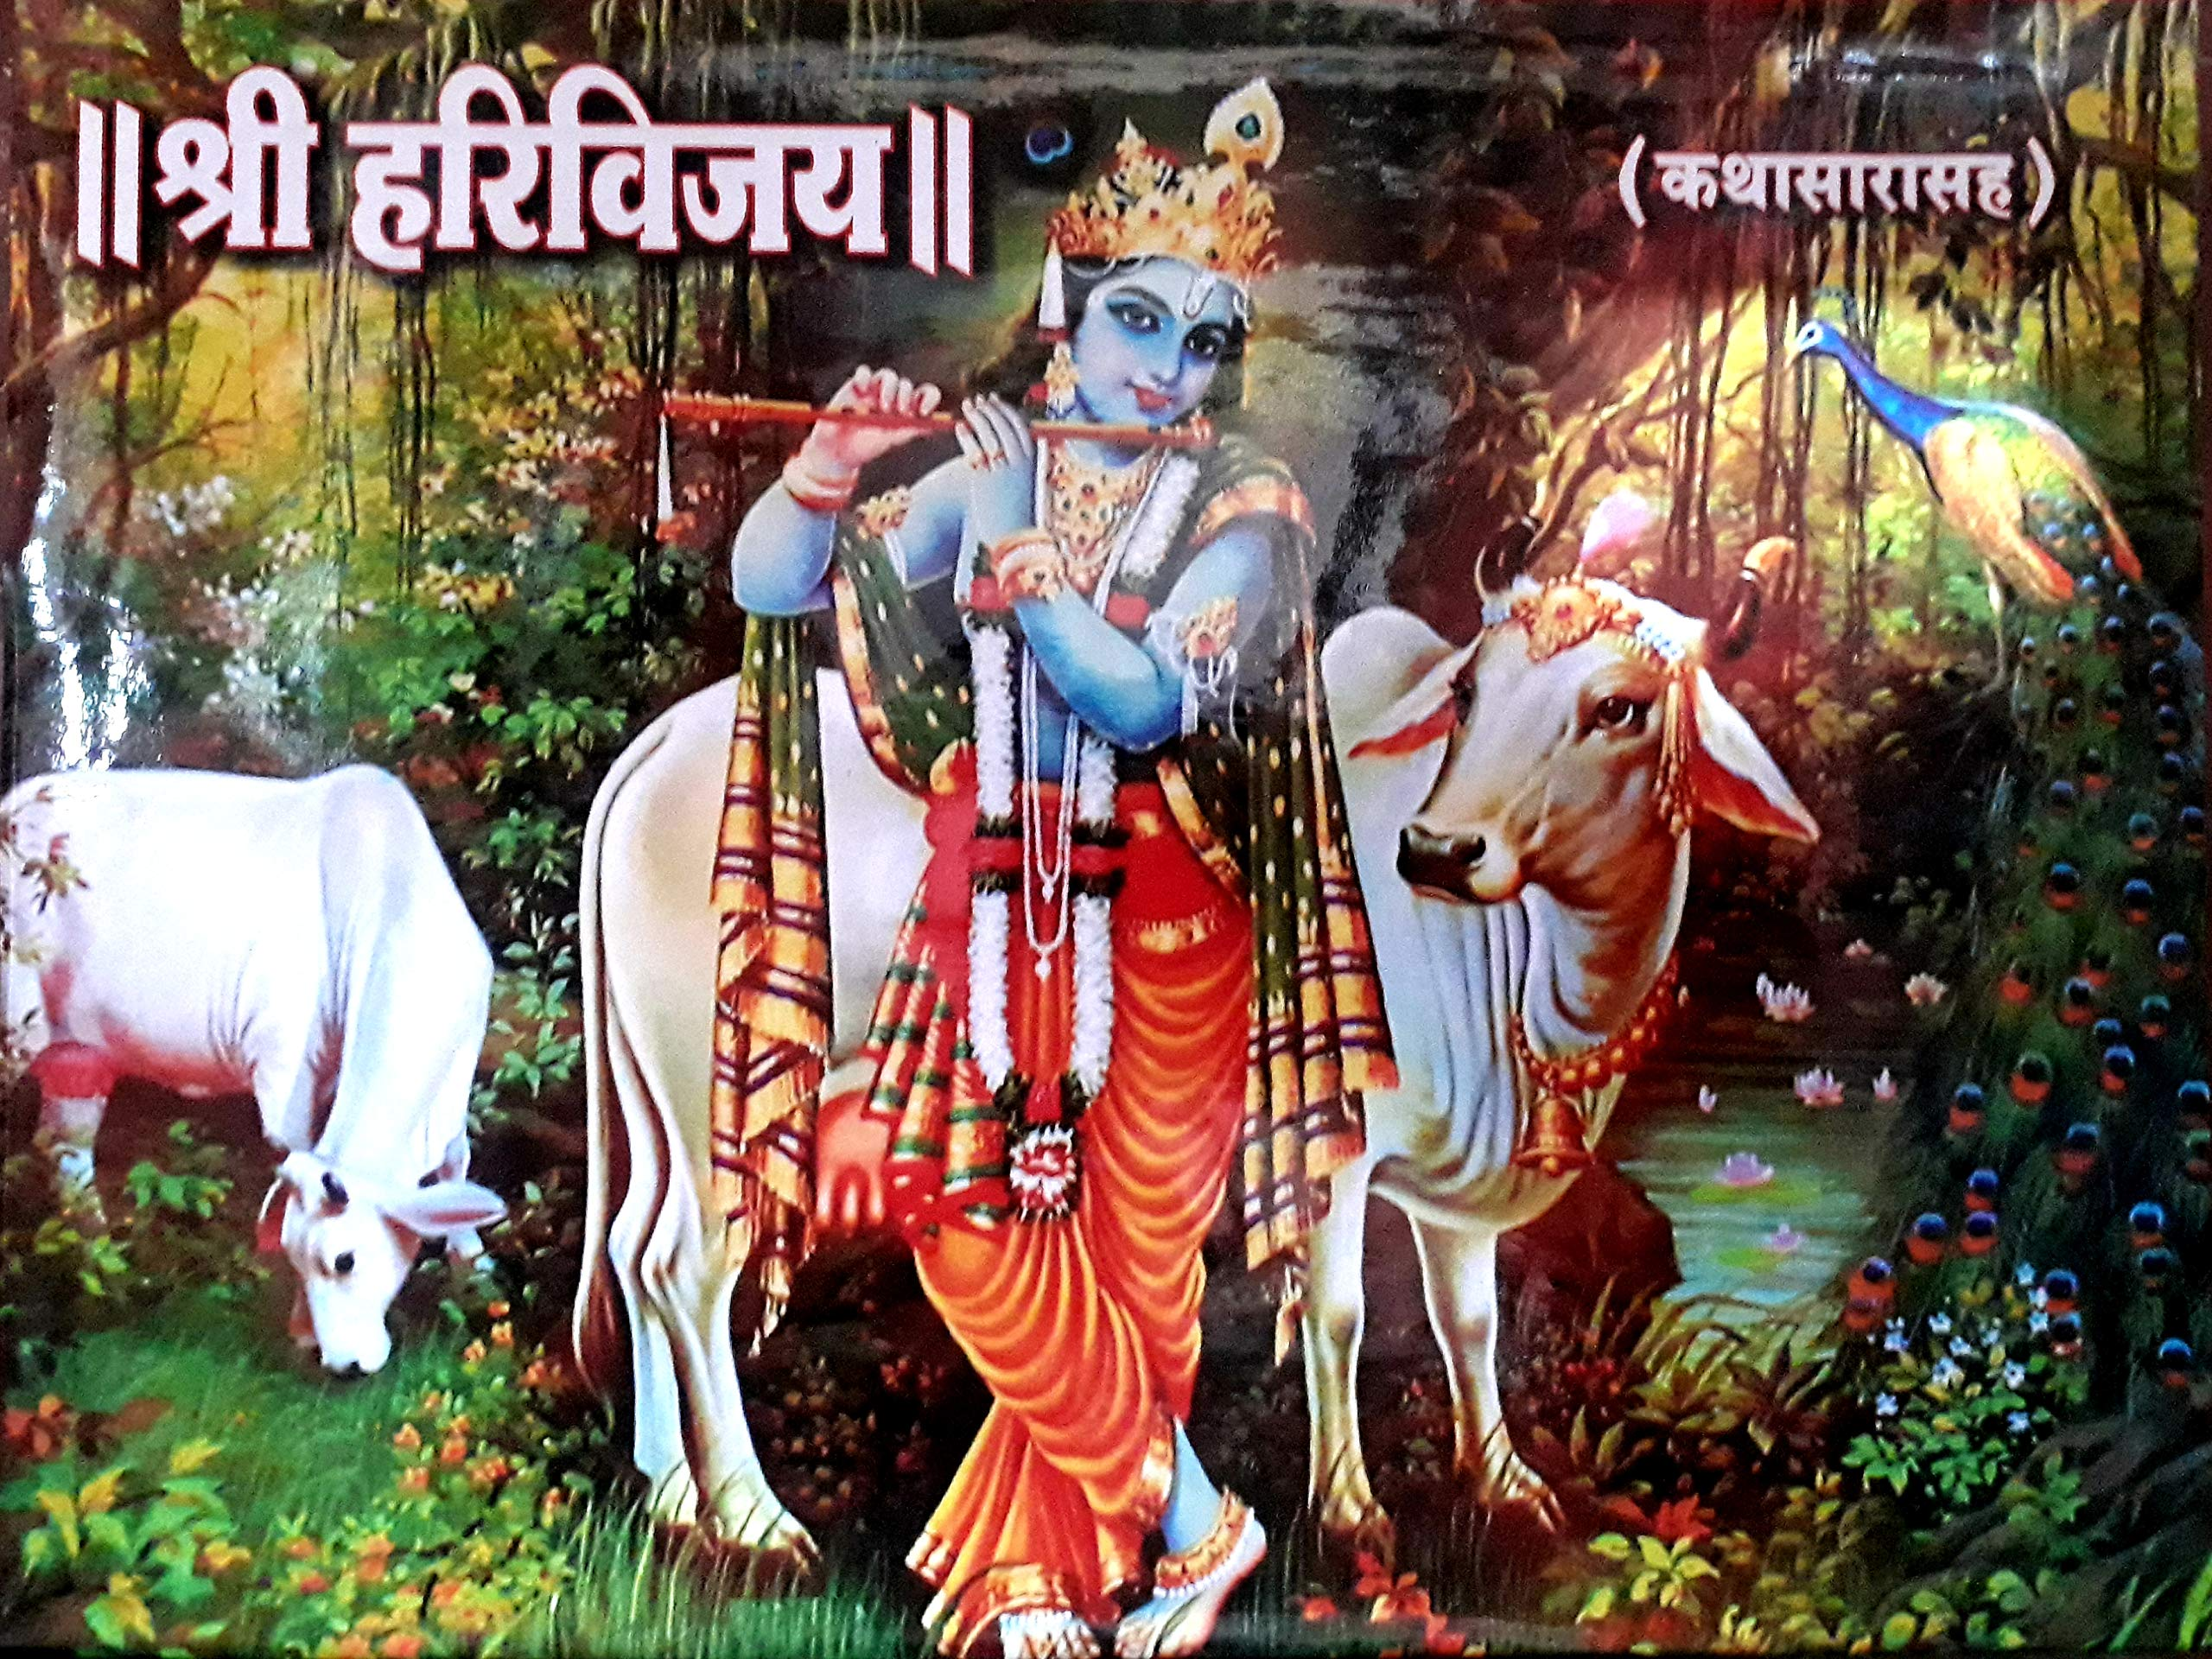 Harivijay. Who wrote harivijay